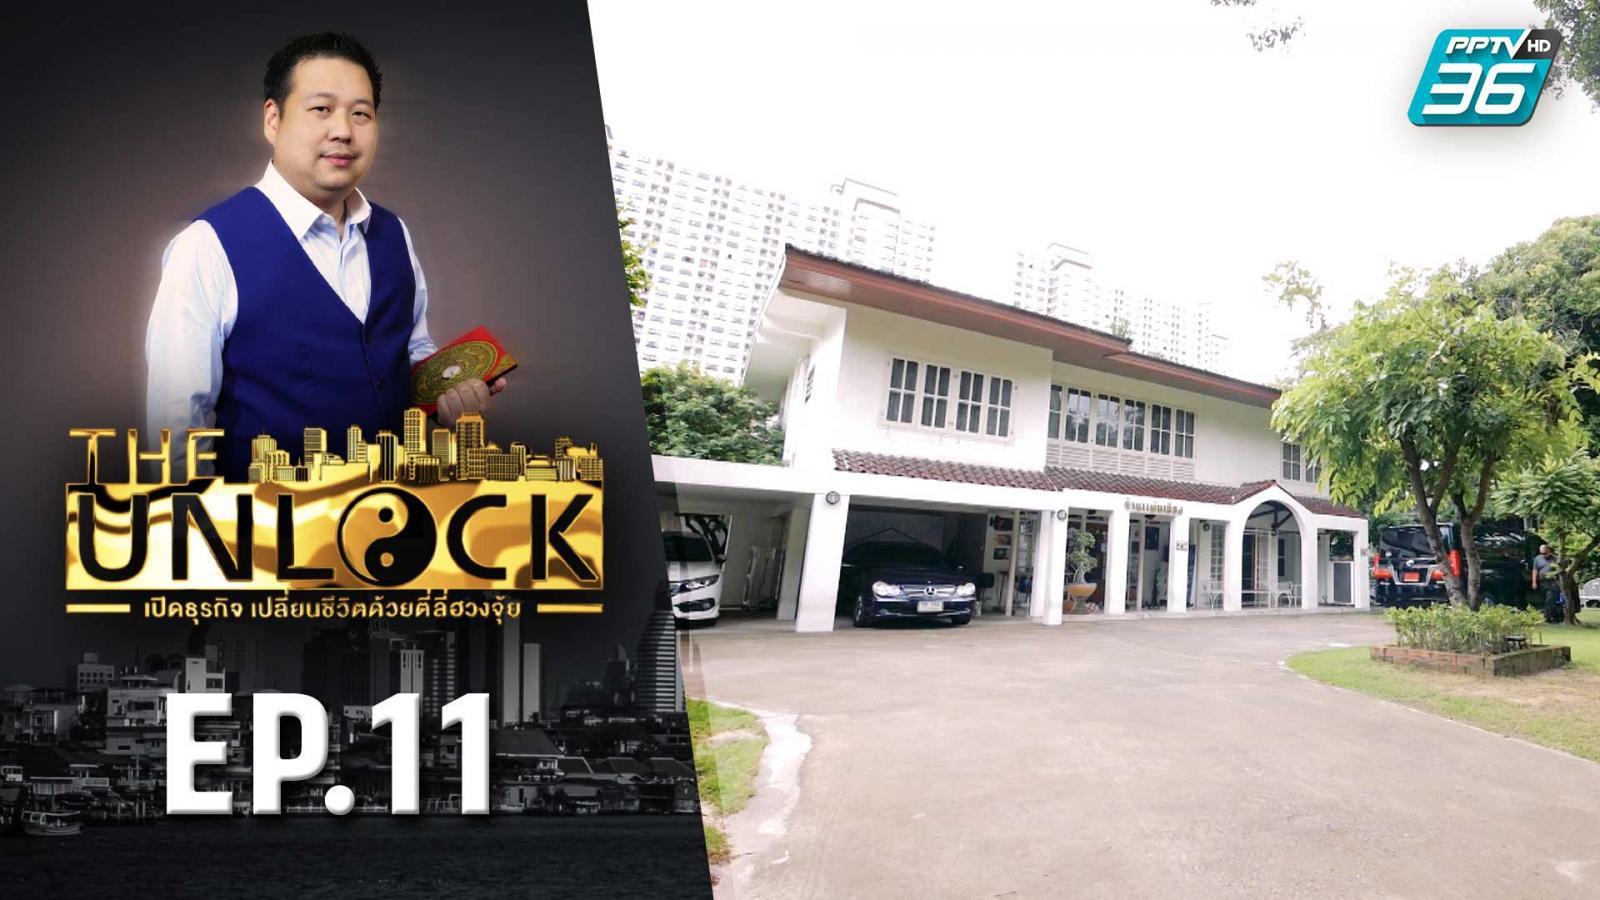 The Unlock เปิดธุรกิจ เปลี่ยนชีวิตด้วยตี่ลี่ฮวงจุ้ย | ตอน ร้านแผ่นเสียง EP.11 | PPTVHD 36